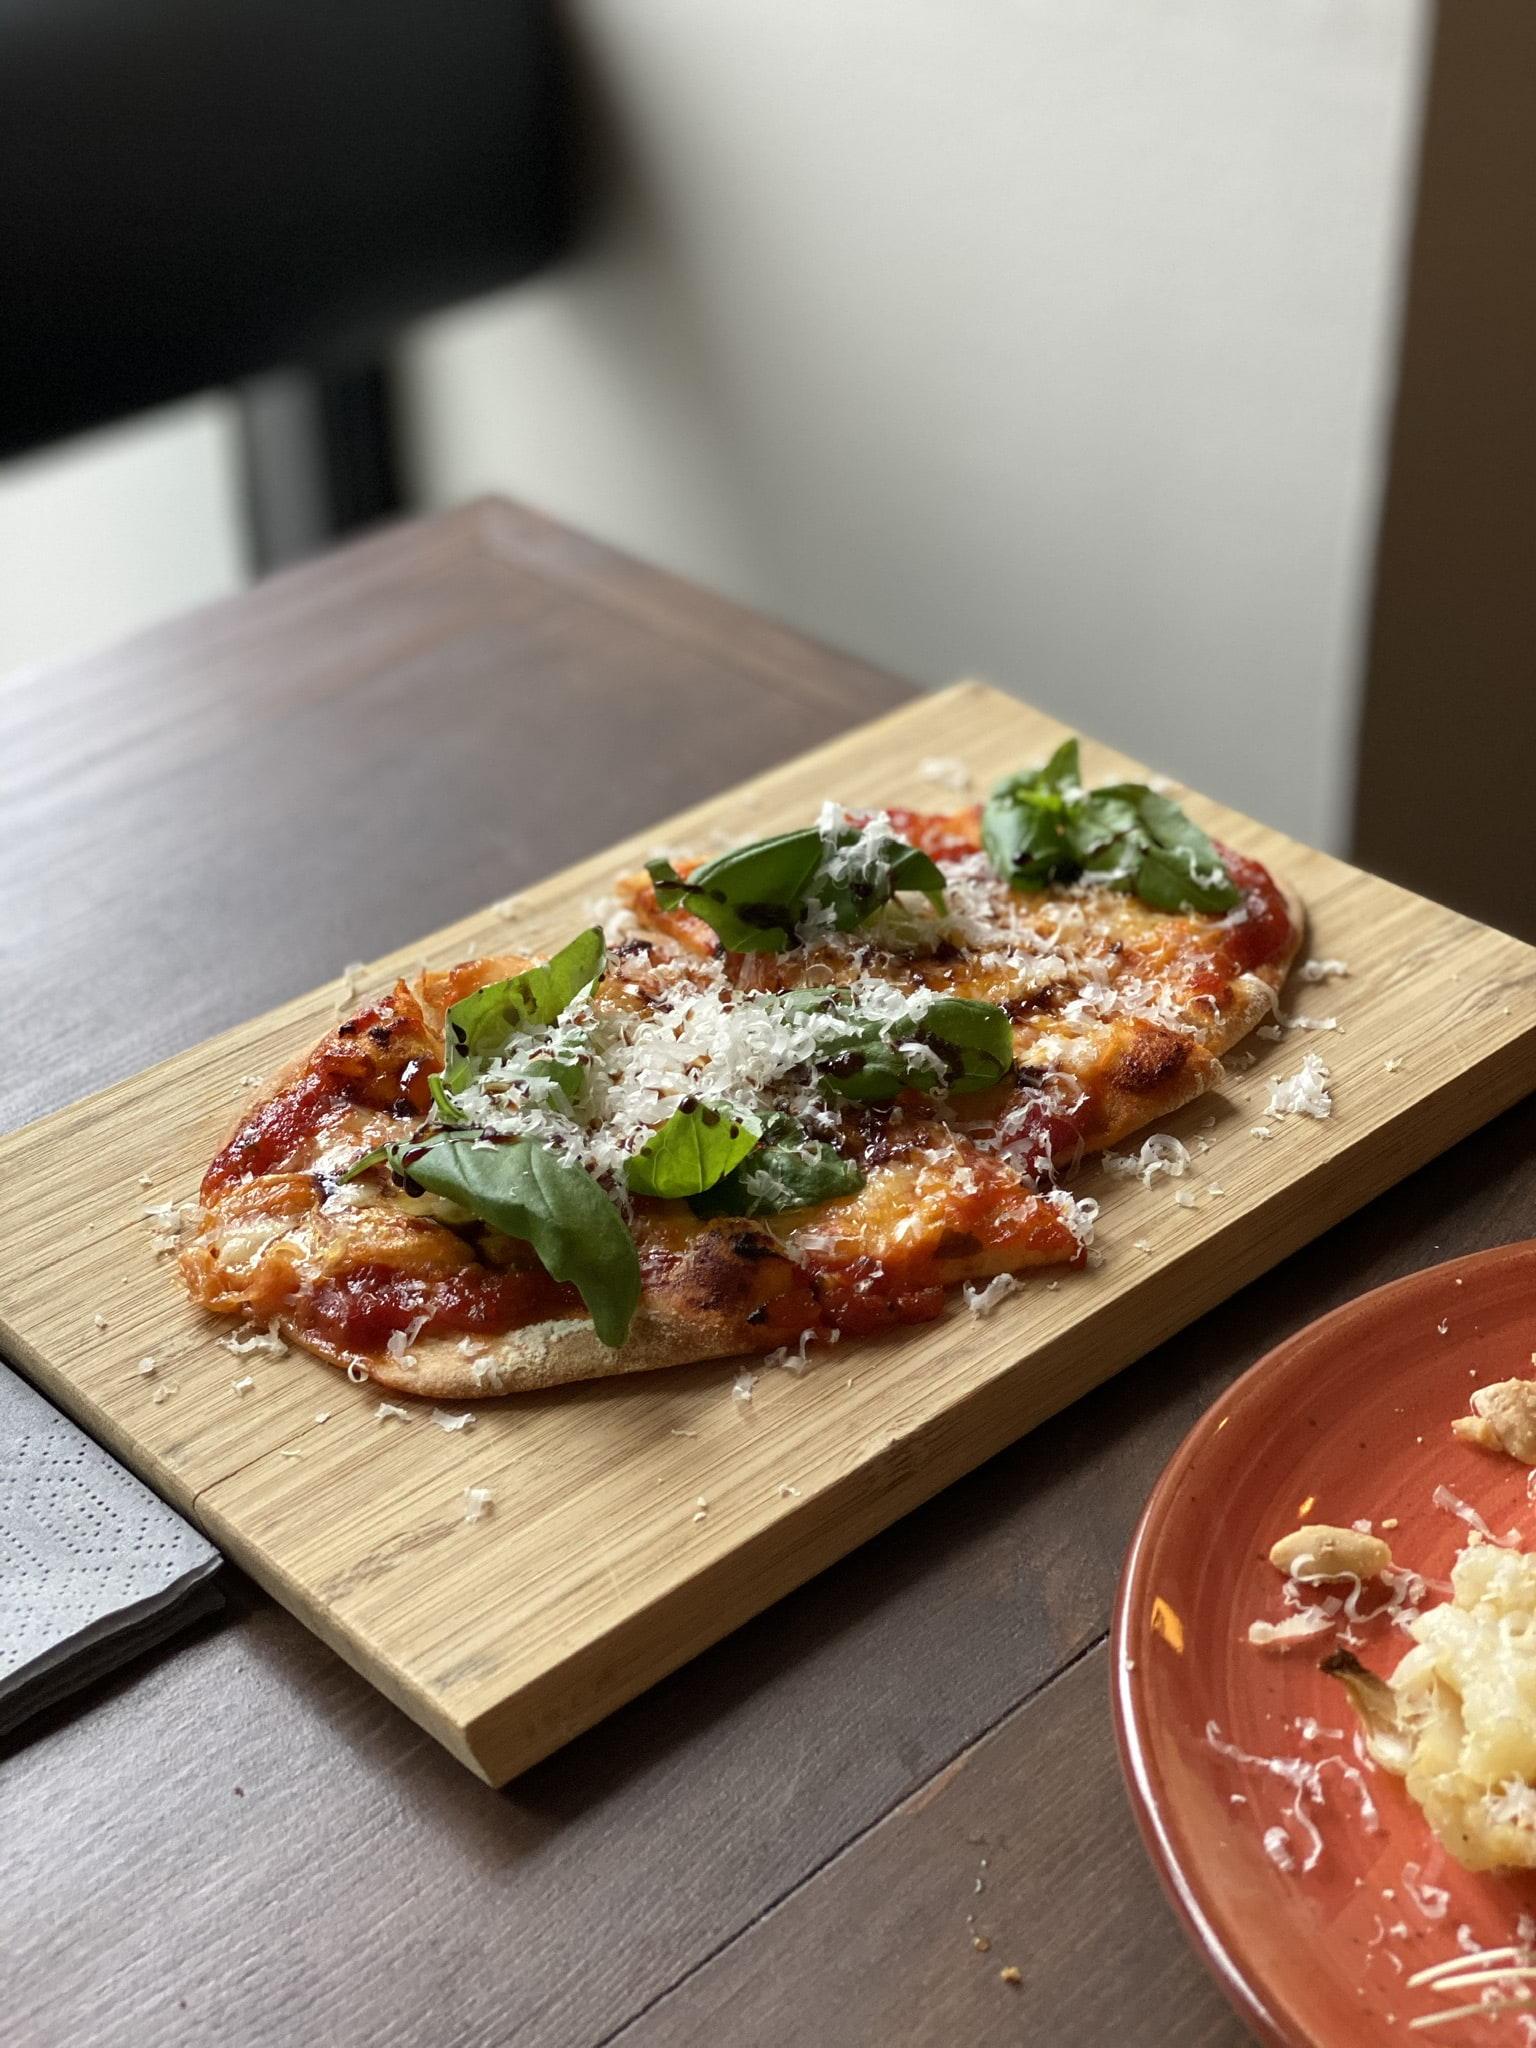 God pizza med söt tomatsås – Bild från Mamma o. jag Bistro av Agnes L.